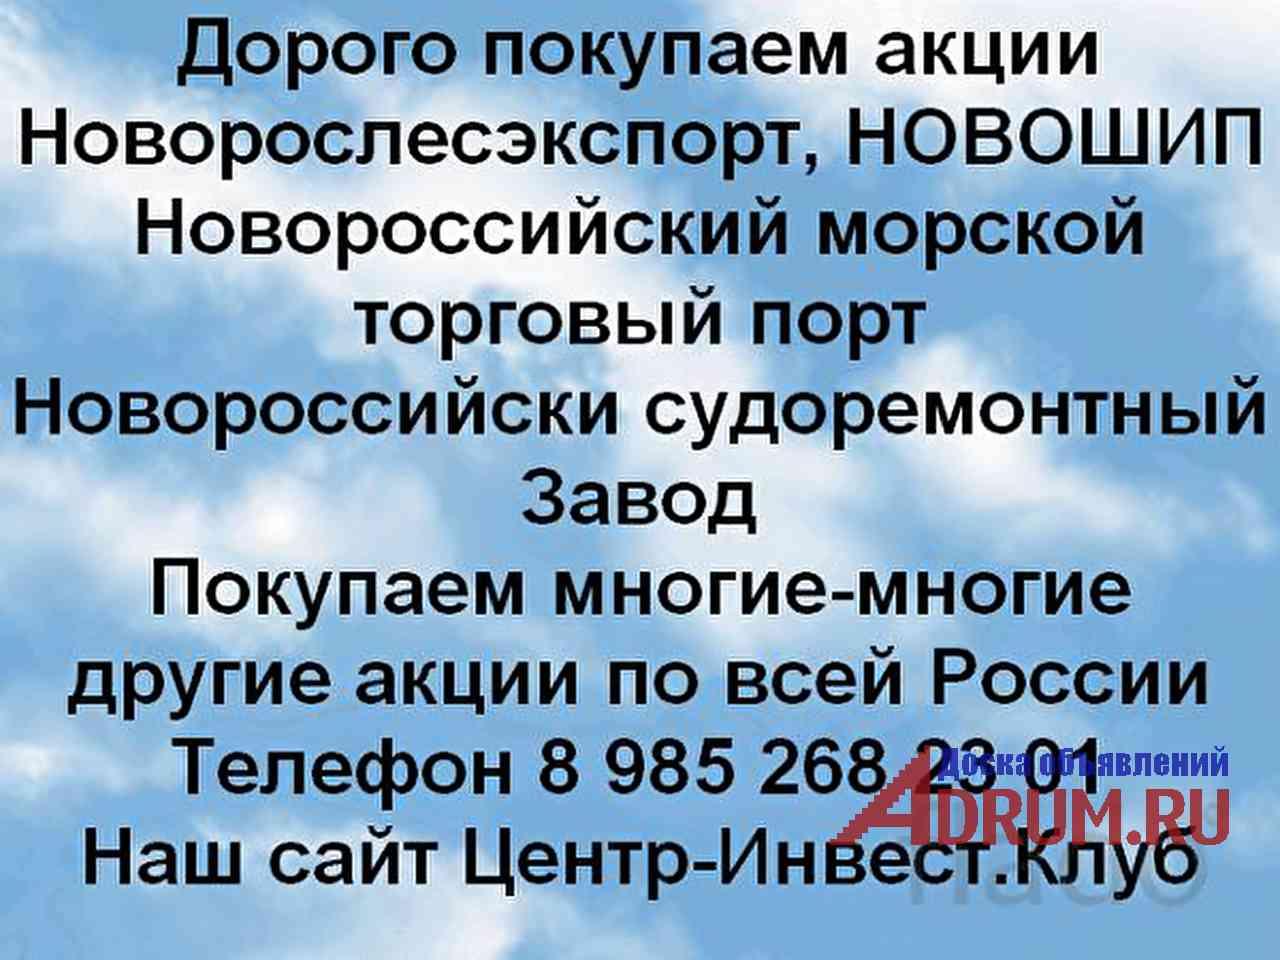 Дорого покупаем акции ОАО Новошип в Новороссийске